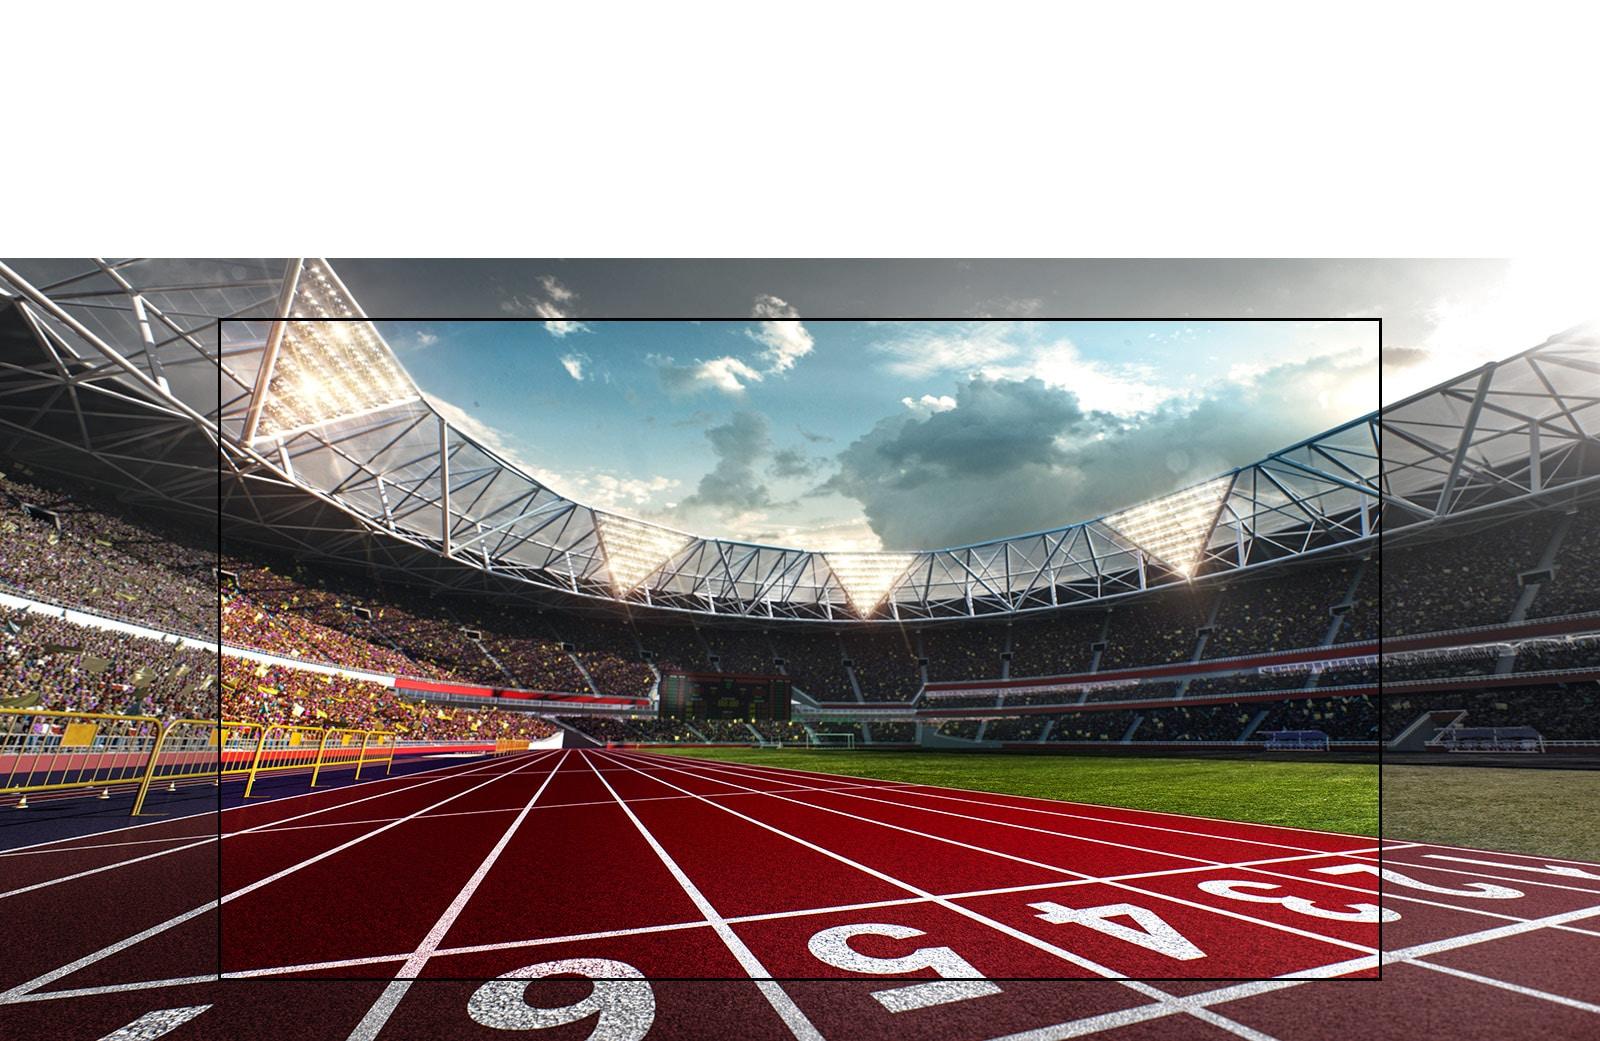 شاشة تلفزيون تعرض استادً مع رؤية مقربة لمسار الجري. الاستاد مليء بالمتفرجين.